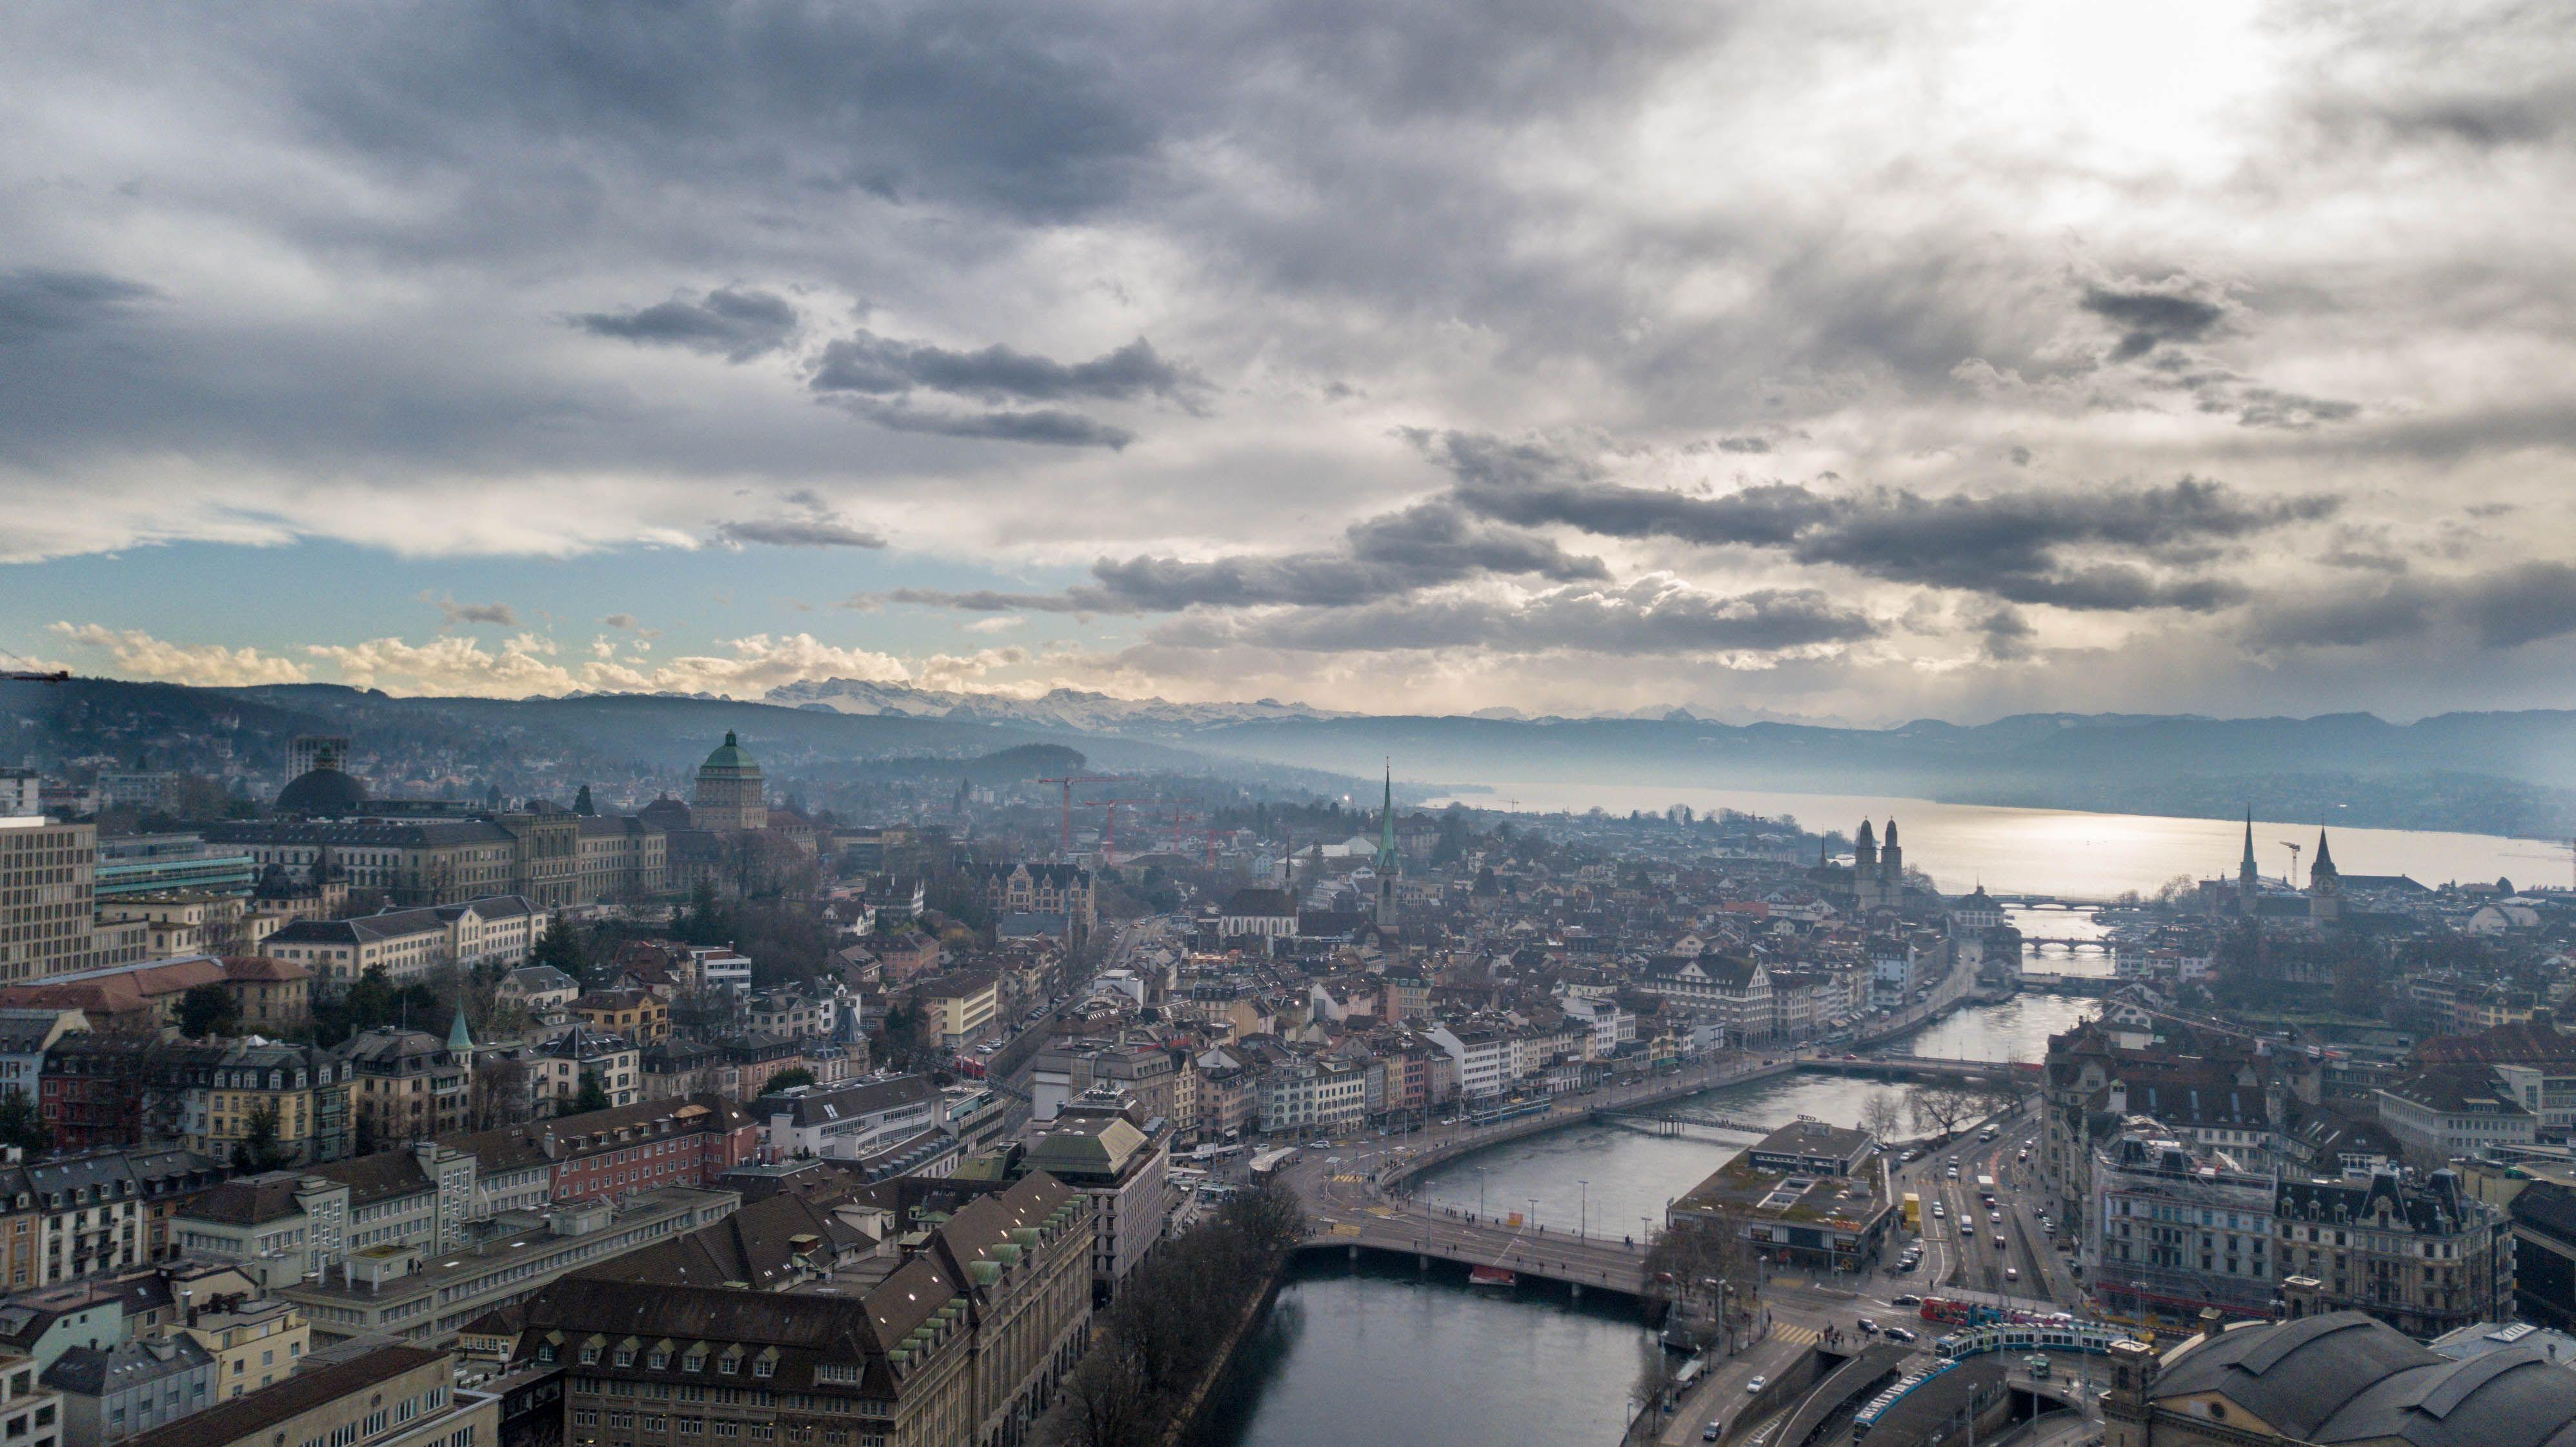 Zurich Stadt City See Brucke Haus Mieten Wohnen Kaufen Mit Bildern Zurich Stadt Zurich Wohnung Mieten